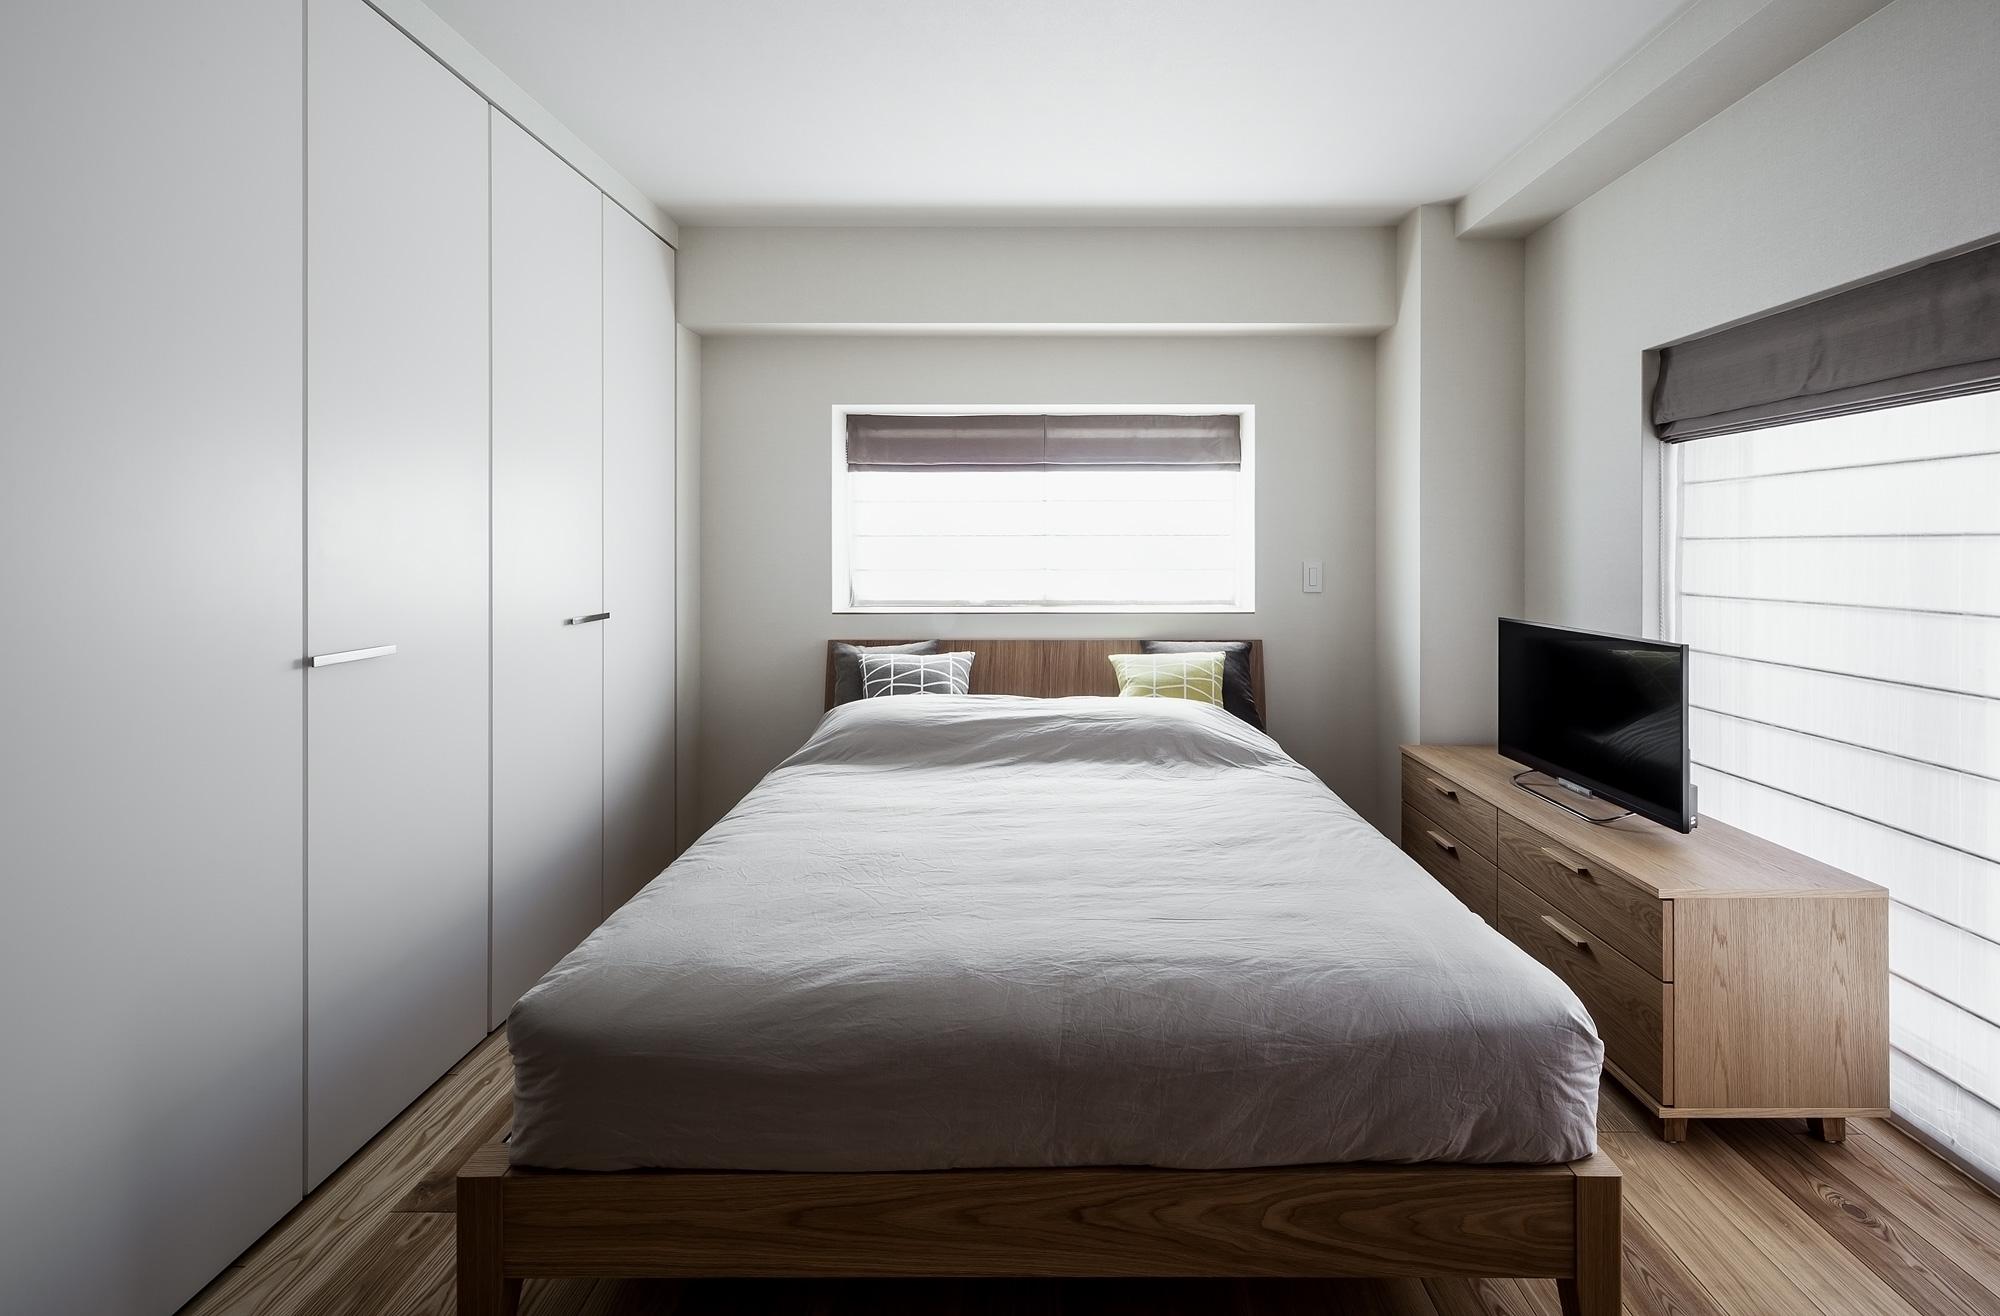 主寝室: 白を基調としたデザイン。収納の扉も白にして、壁のようにみせています